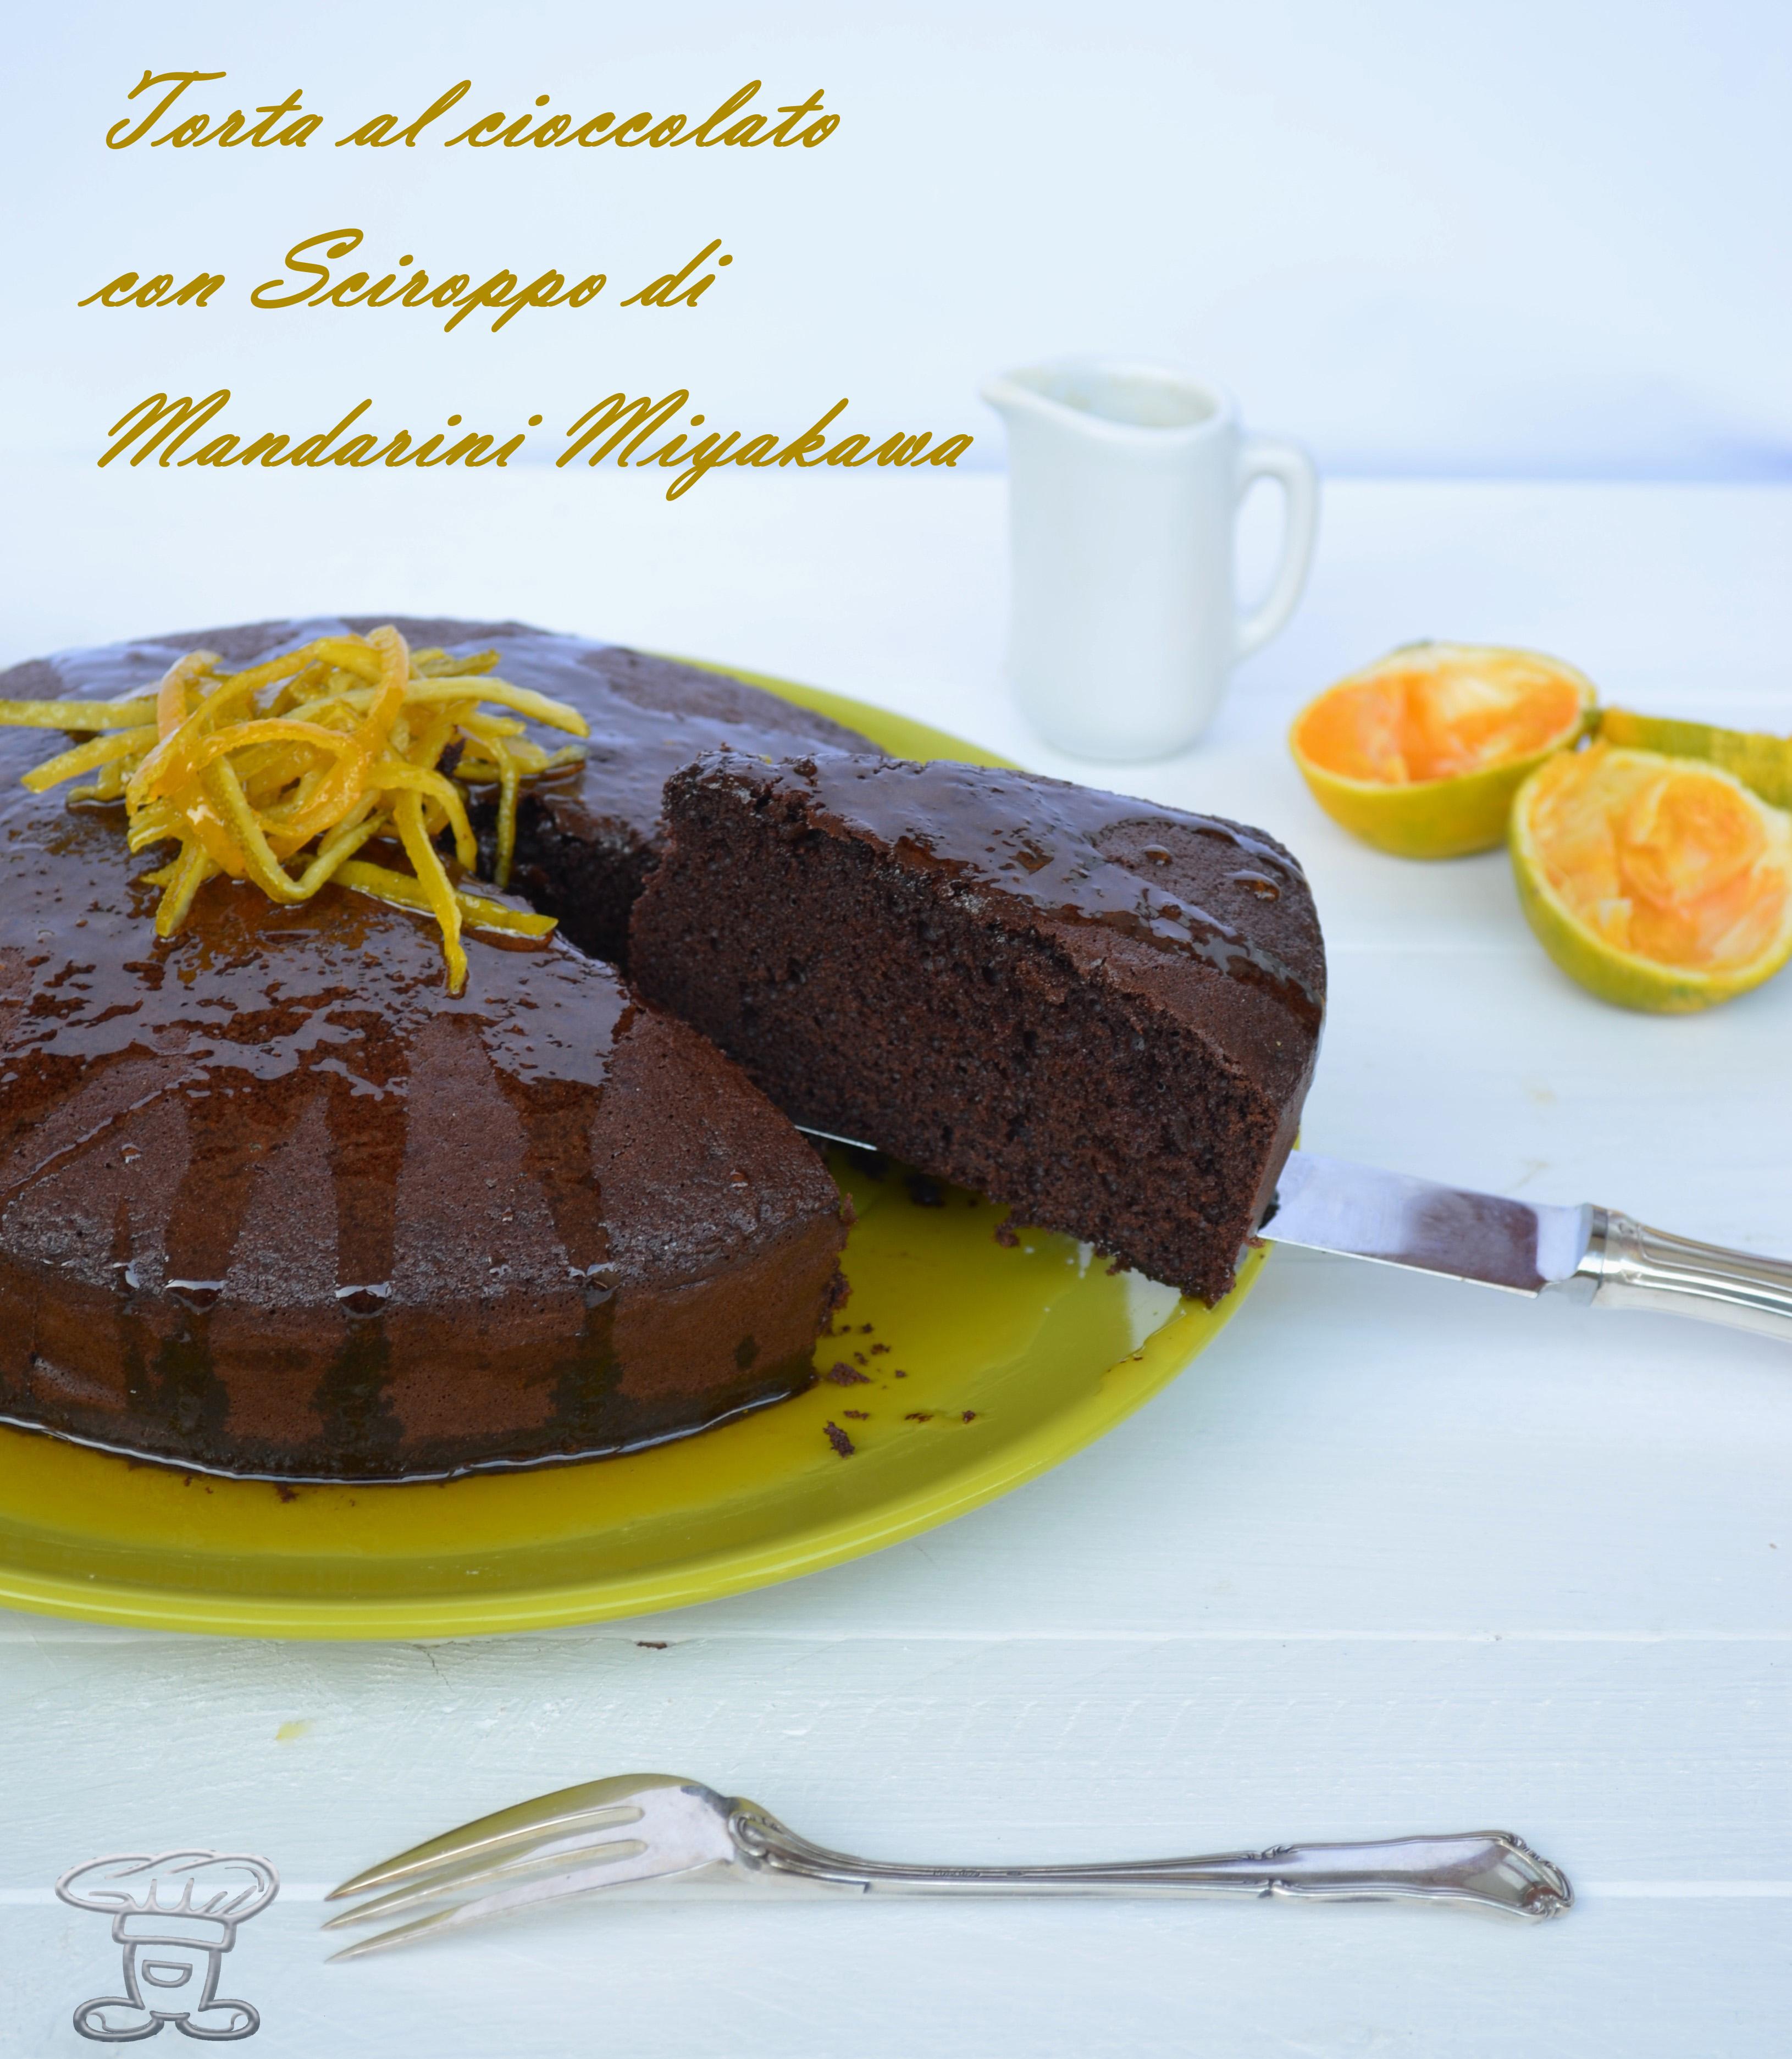 dsc_0165 Torta al Cioccolato con Sciroppo di Mandarino Miyakawa